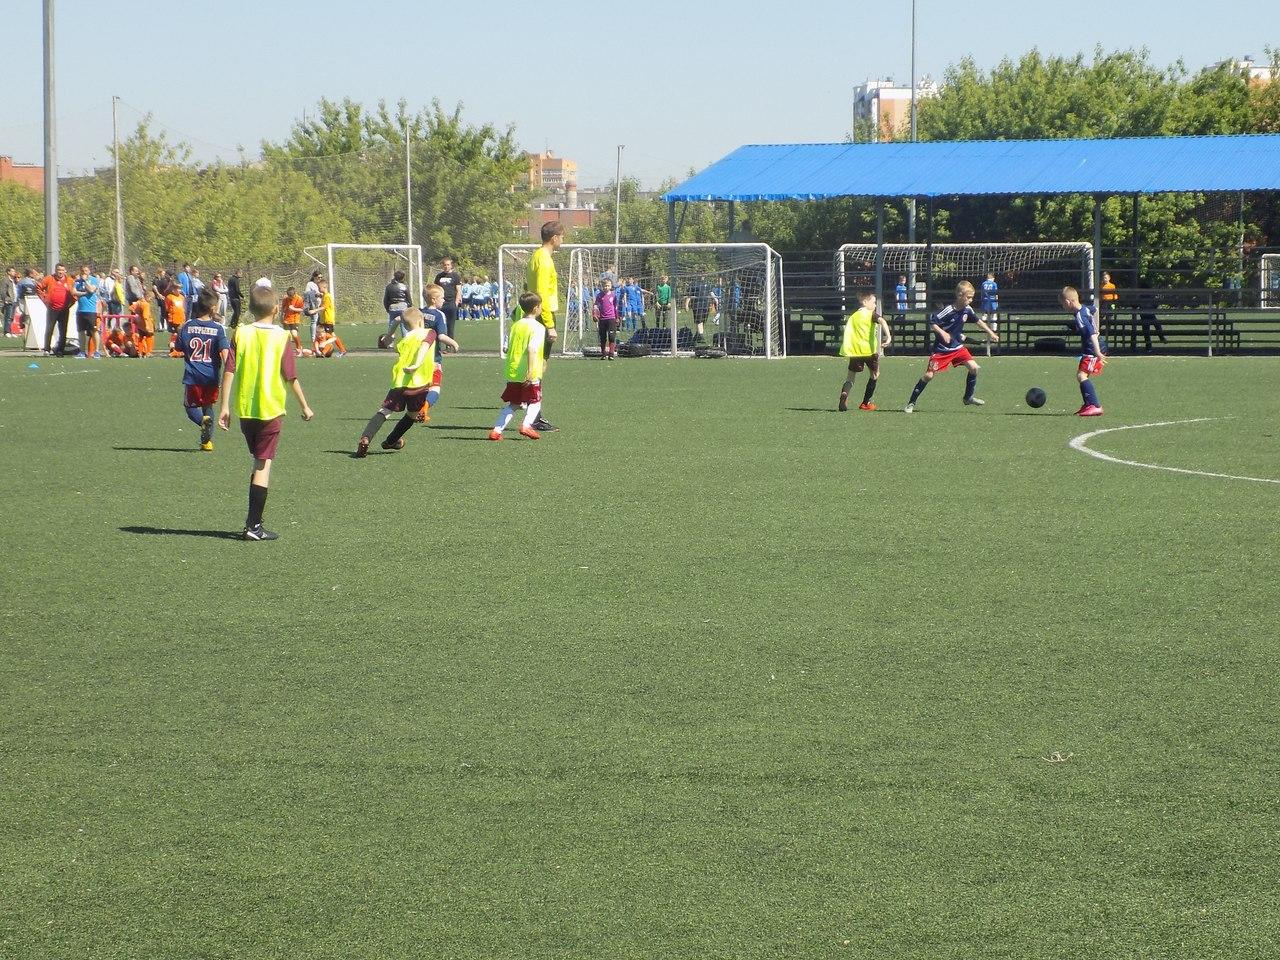 Итоги первого игрового дня турнира по футболу «Большие звёзды светят малым» среди детских команд 2007/2008 и 2009/2010 г.р.